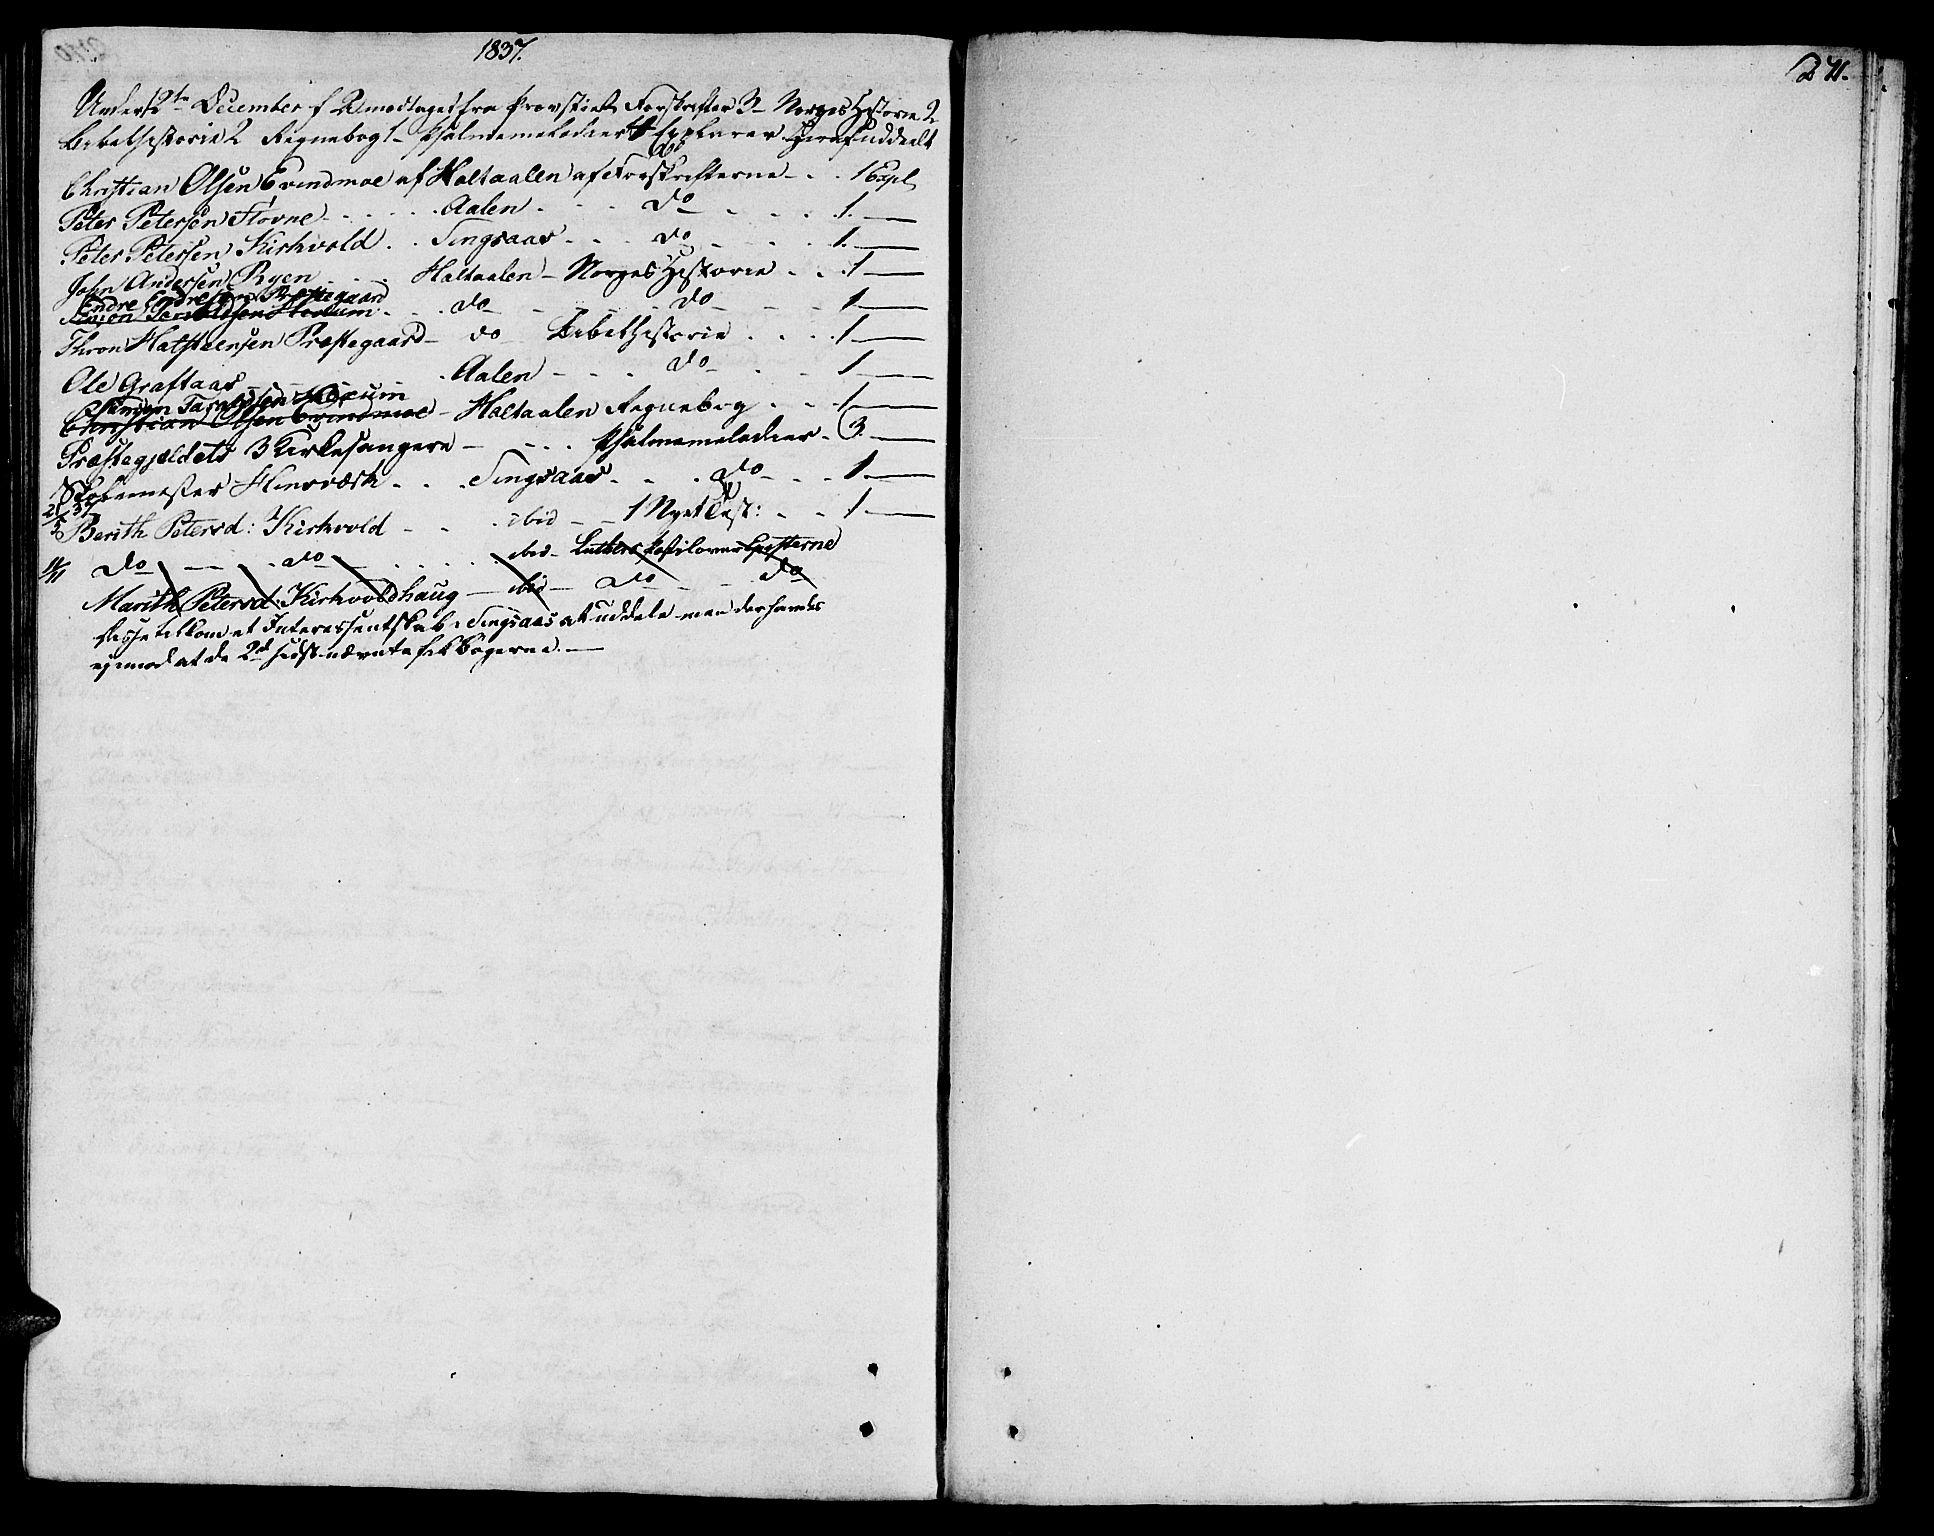 SAT, Ministerialprotokoller, klokkerbøker og fødselsregistre - Sør-Trøndelag, 685/L0953: Ministerialbok nr. 685A02, 1805-1816, s. 271